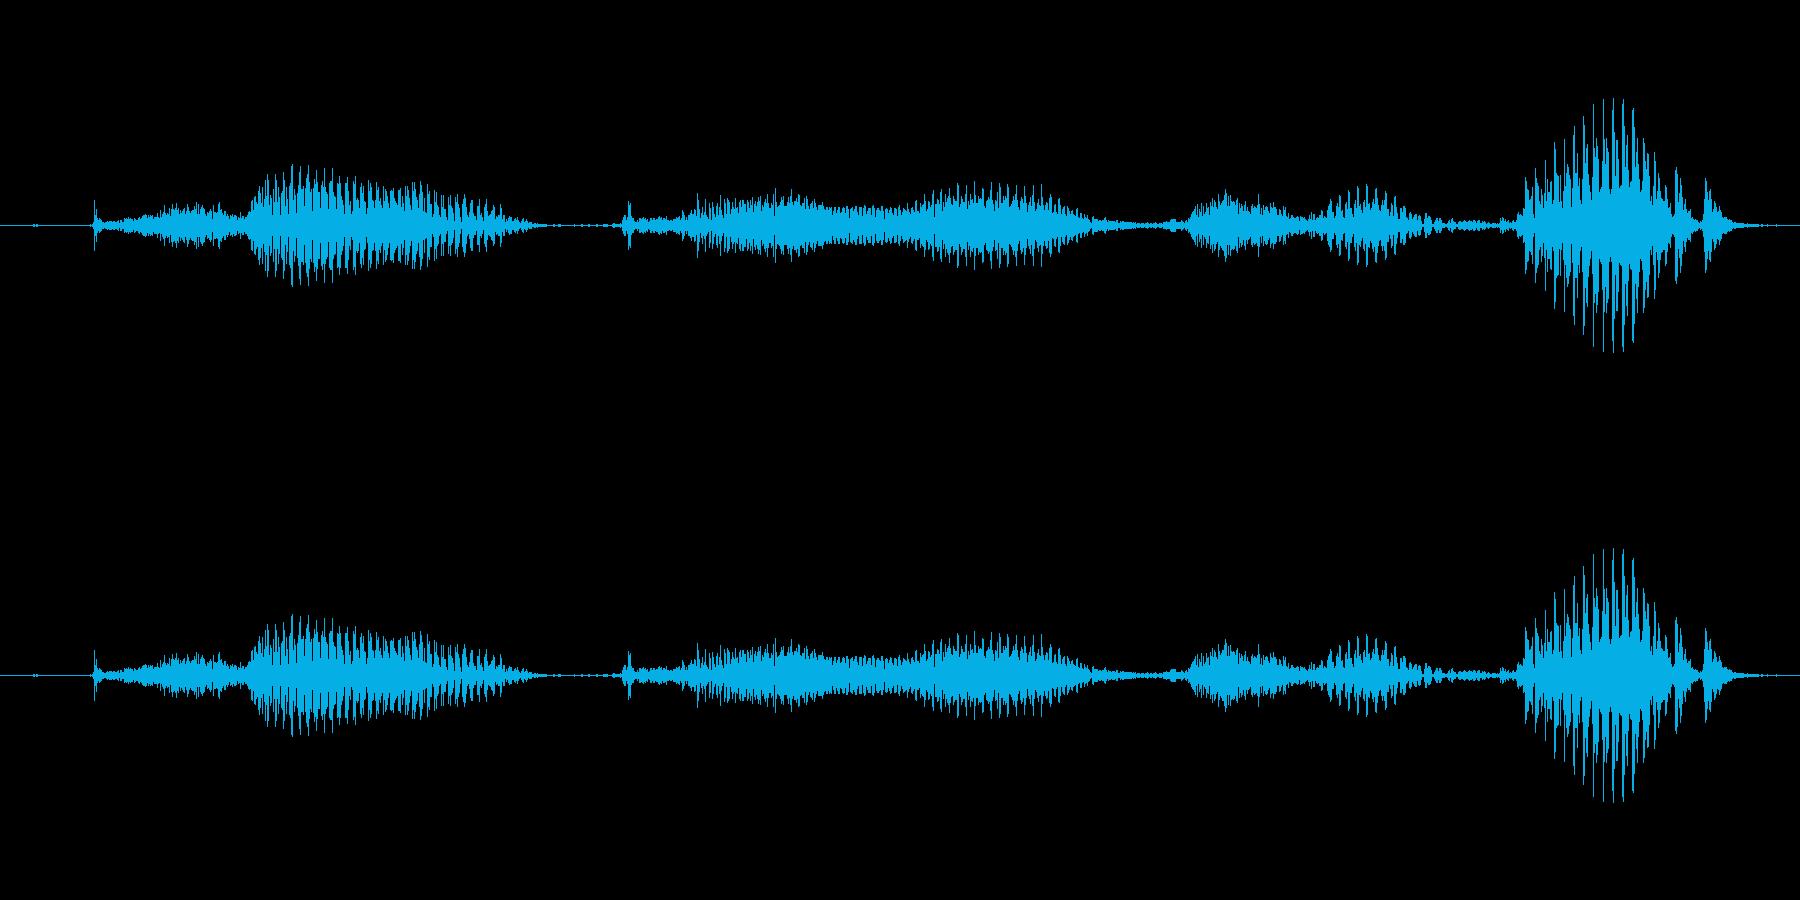 【日数・後】9ヶ月後の再生済みの波形